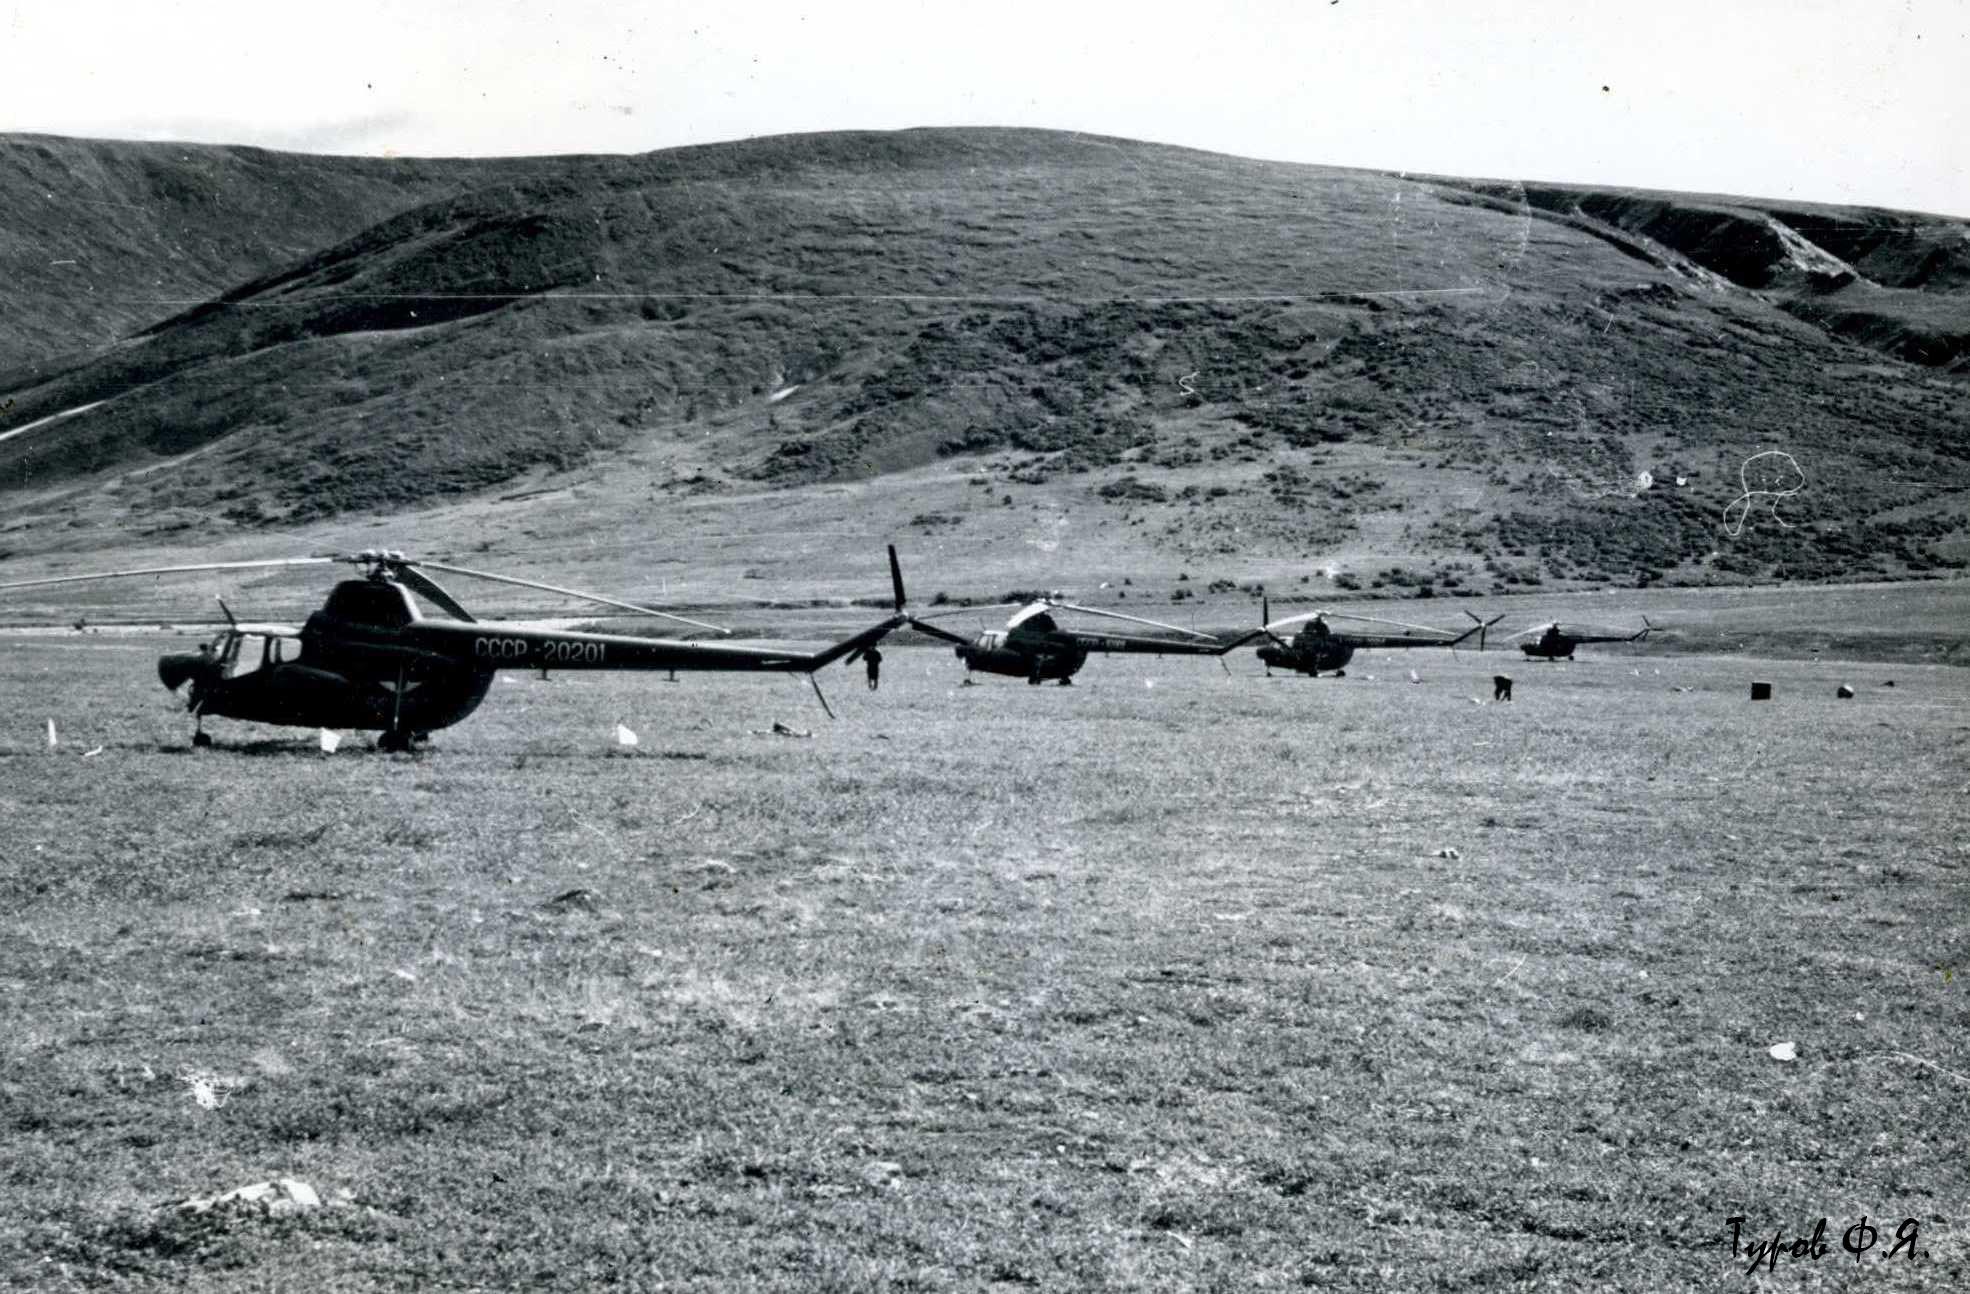 Аэроспектрогамма ЦУП на Ми-1. Большая Хадата. 1961